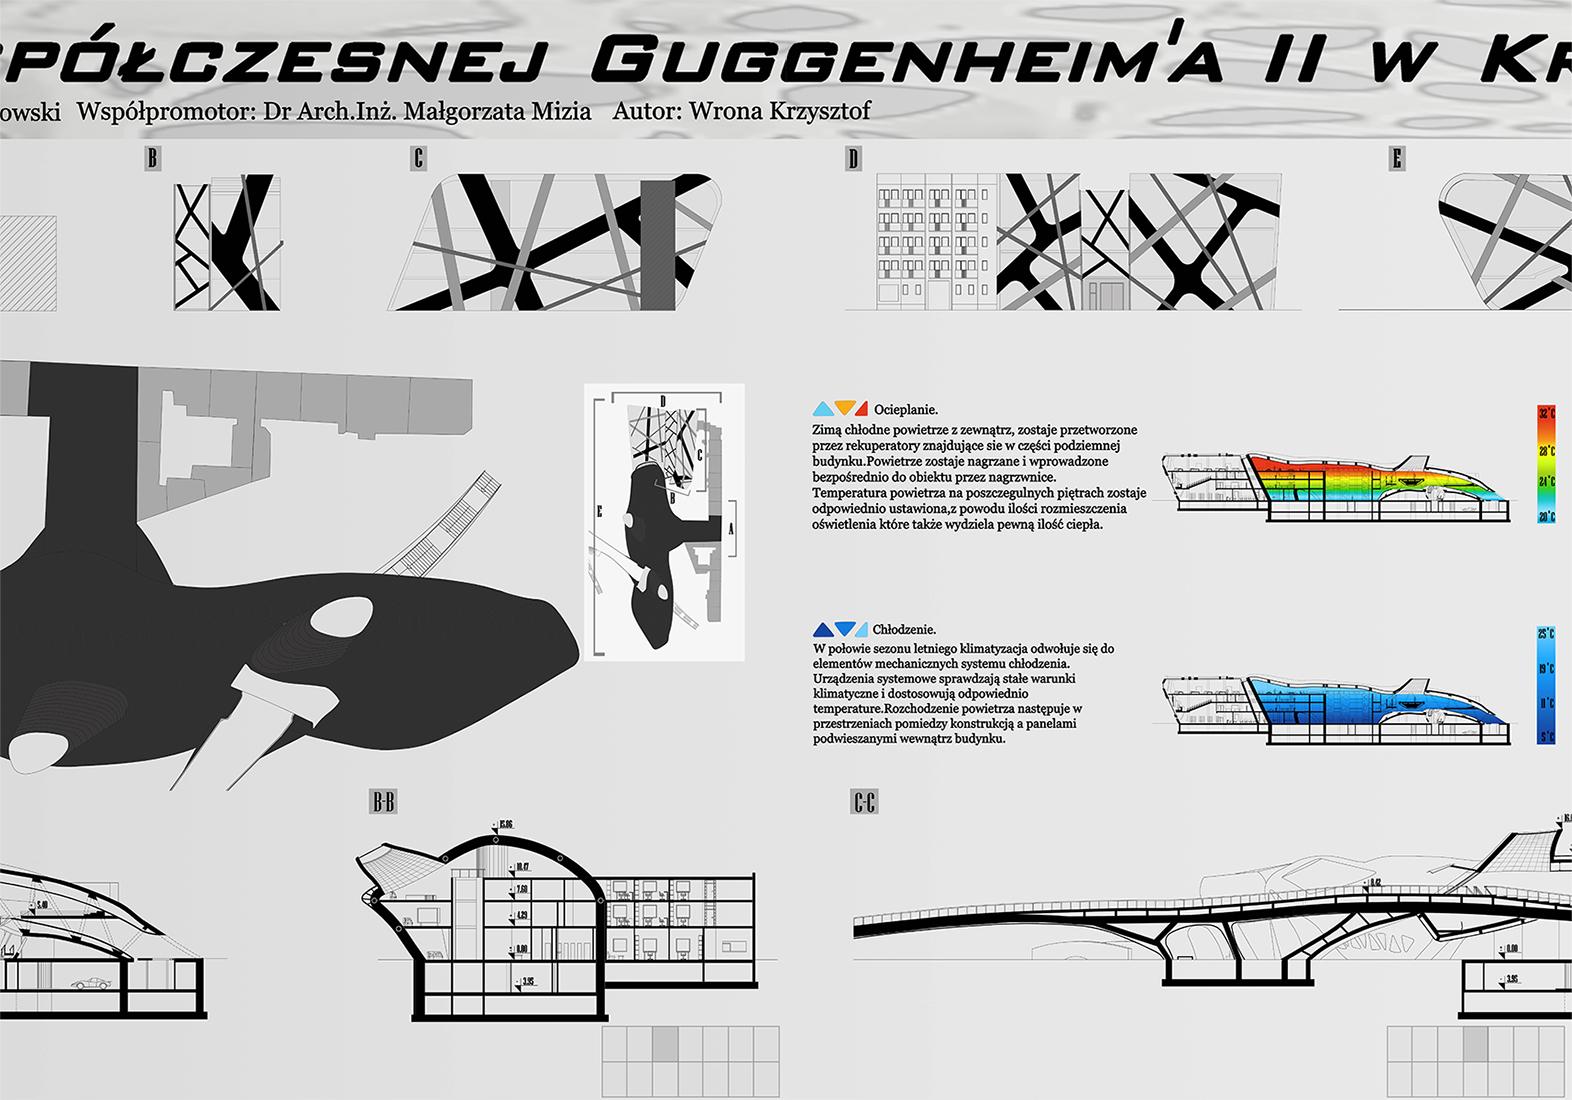 muzeum_guggenheima_krakow_krzysztofwrona_021